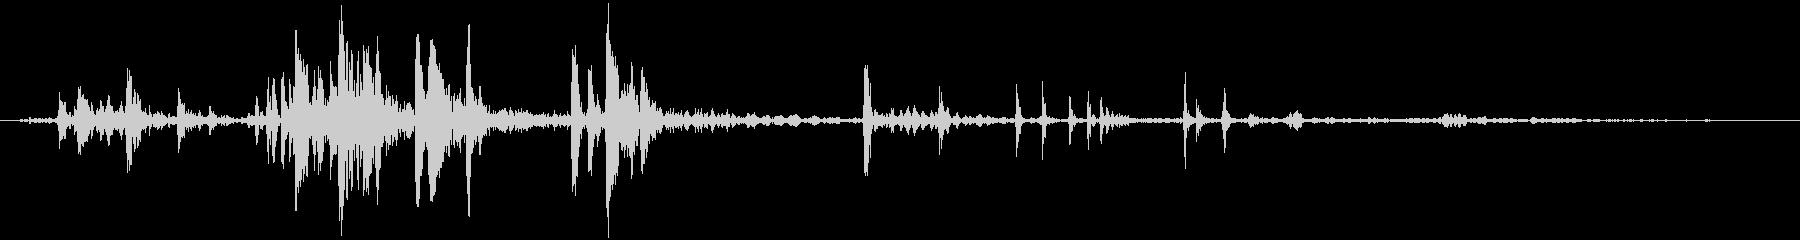 速報;ヴィンテージ録音;雑多なクラ...の未再生の波形